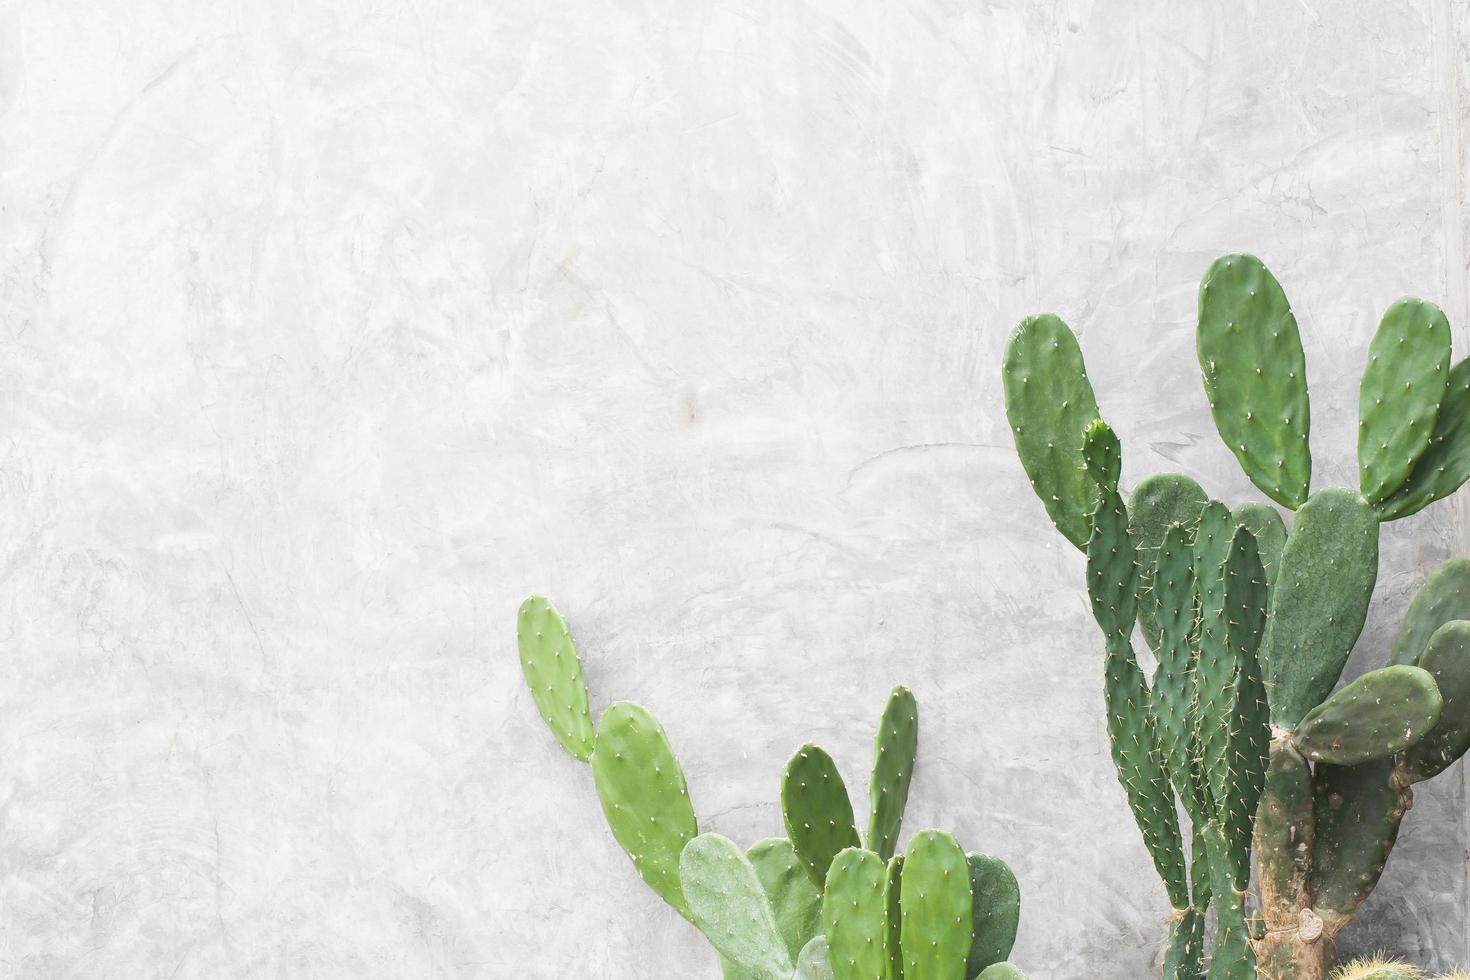 foglie verdi della pianta di cactus sul muro bianco sullo sfondo foto